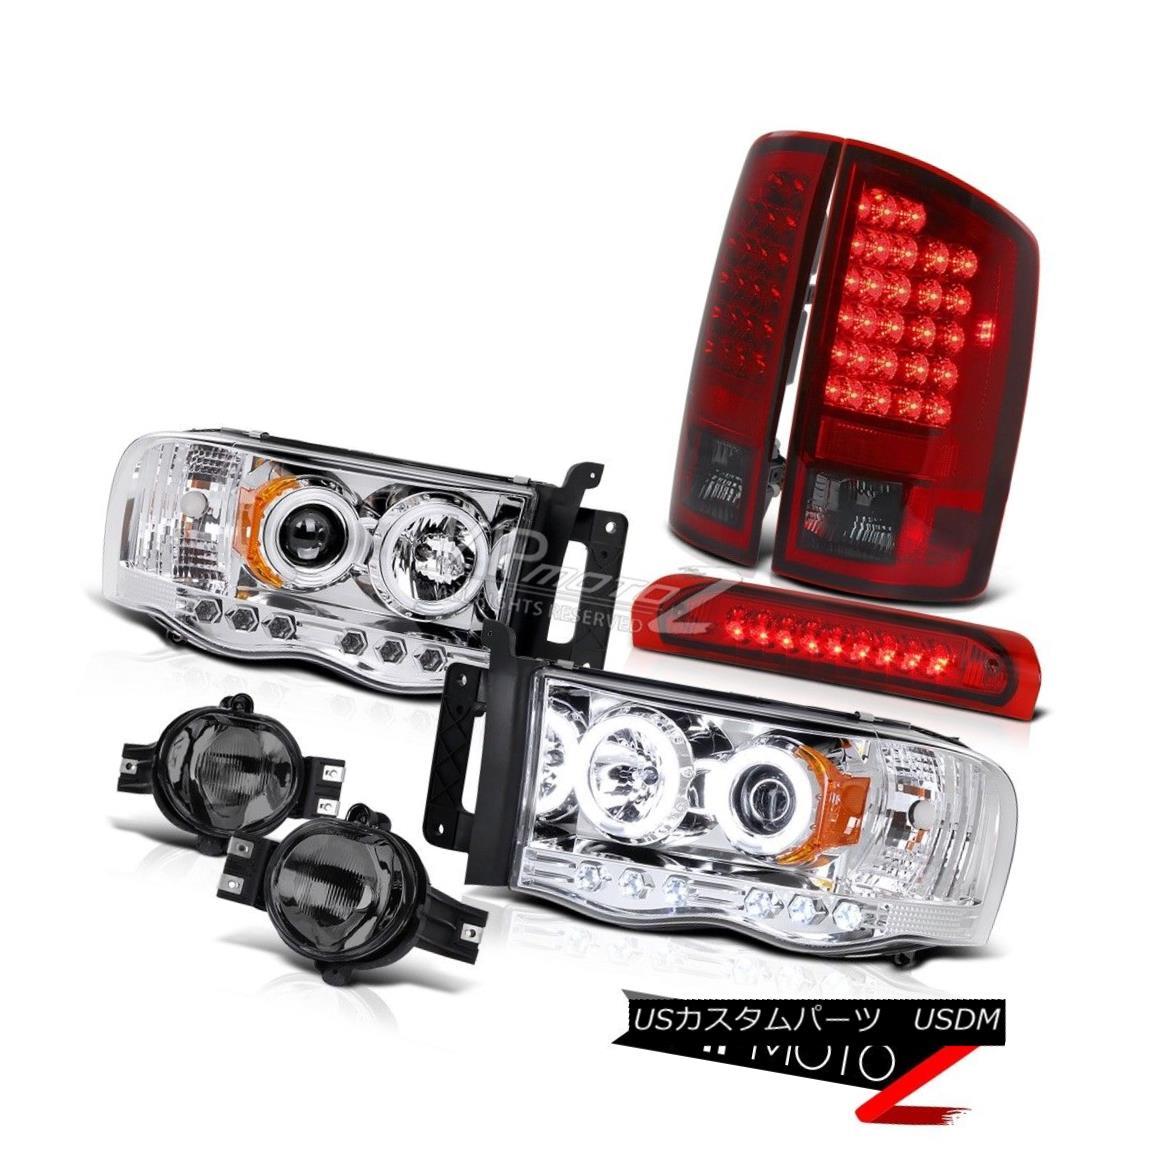 """ヘッドライト """"BEAST MODE""""CCFL Projector Head Lamp+LED Taillight+Fog+Third Brake Lamps 02-05 """"BEAST MODE"""" CCFLプロジェクターヘッドランプ+ LED懐中時計+フォグ+ 第3ブレーキランプ02-05"""